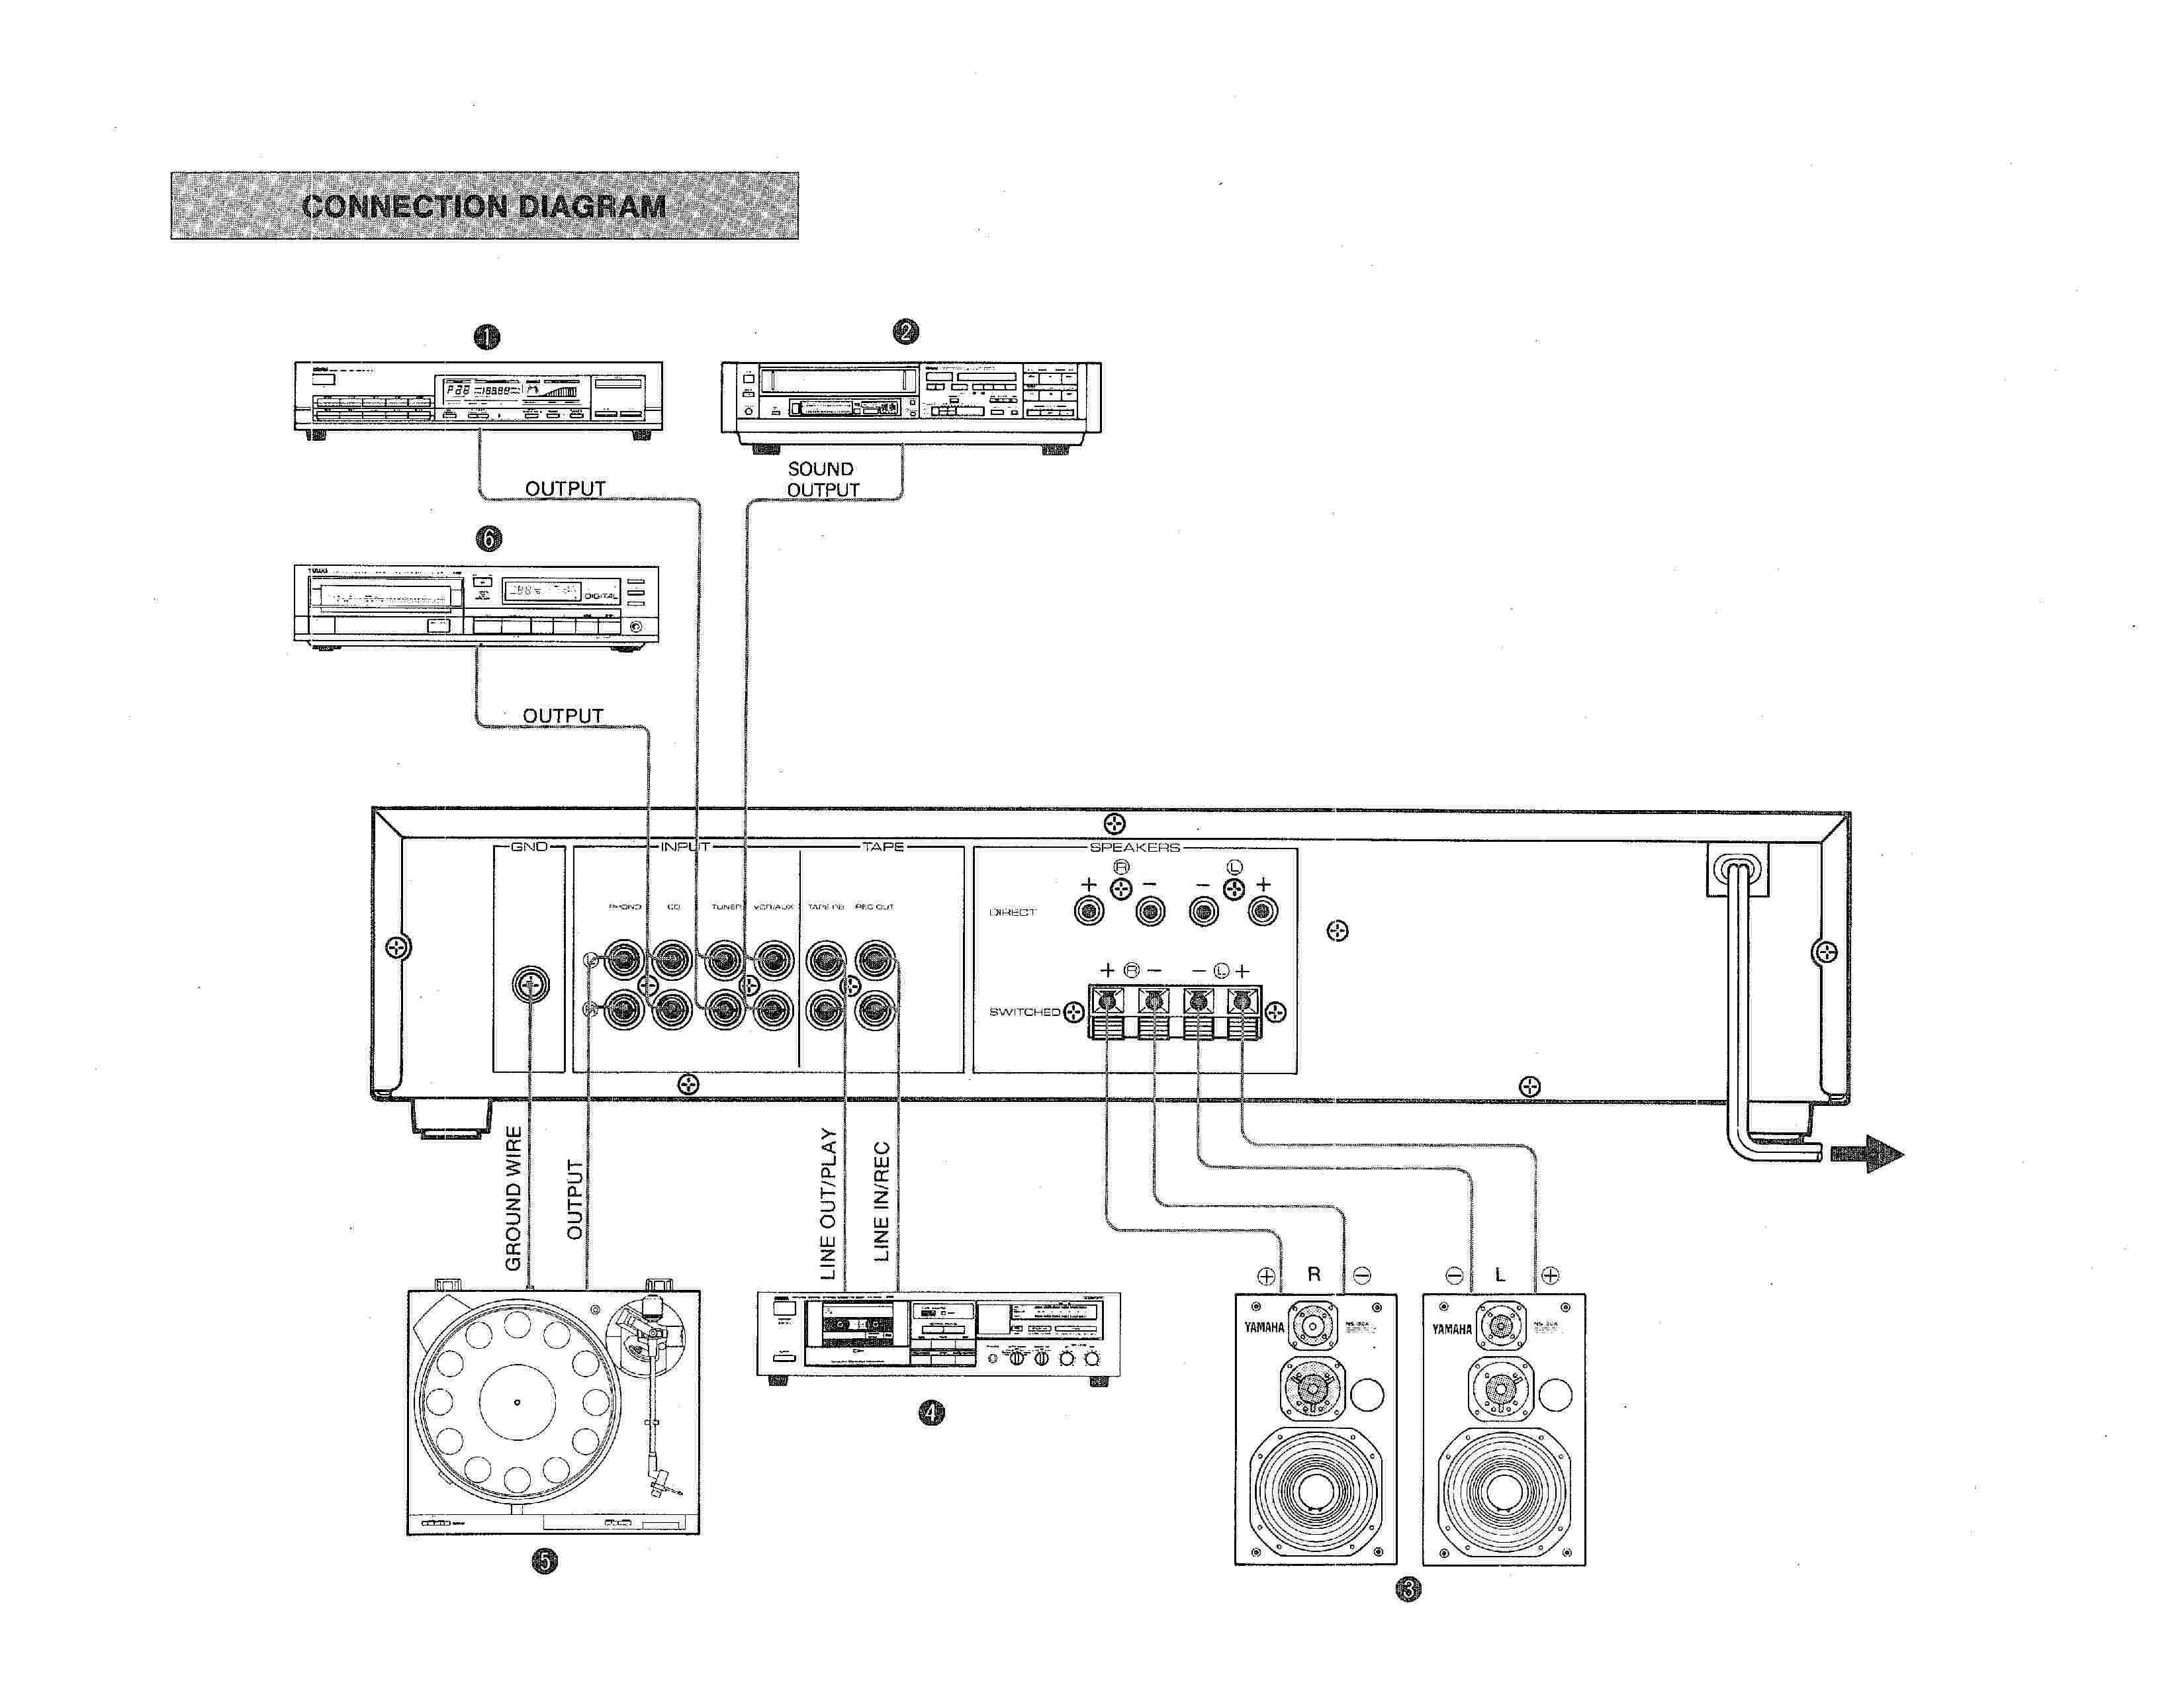 Schema Collegamento Equalizzatore Ad Amplificatore : Collegare casse amplificate a un amplificatore